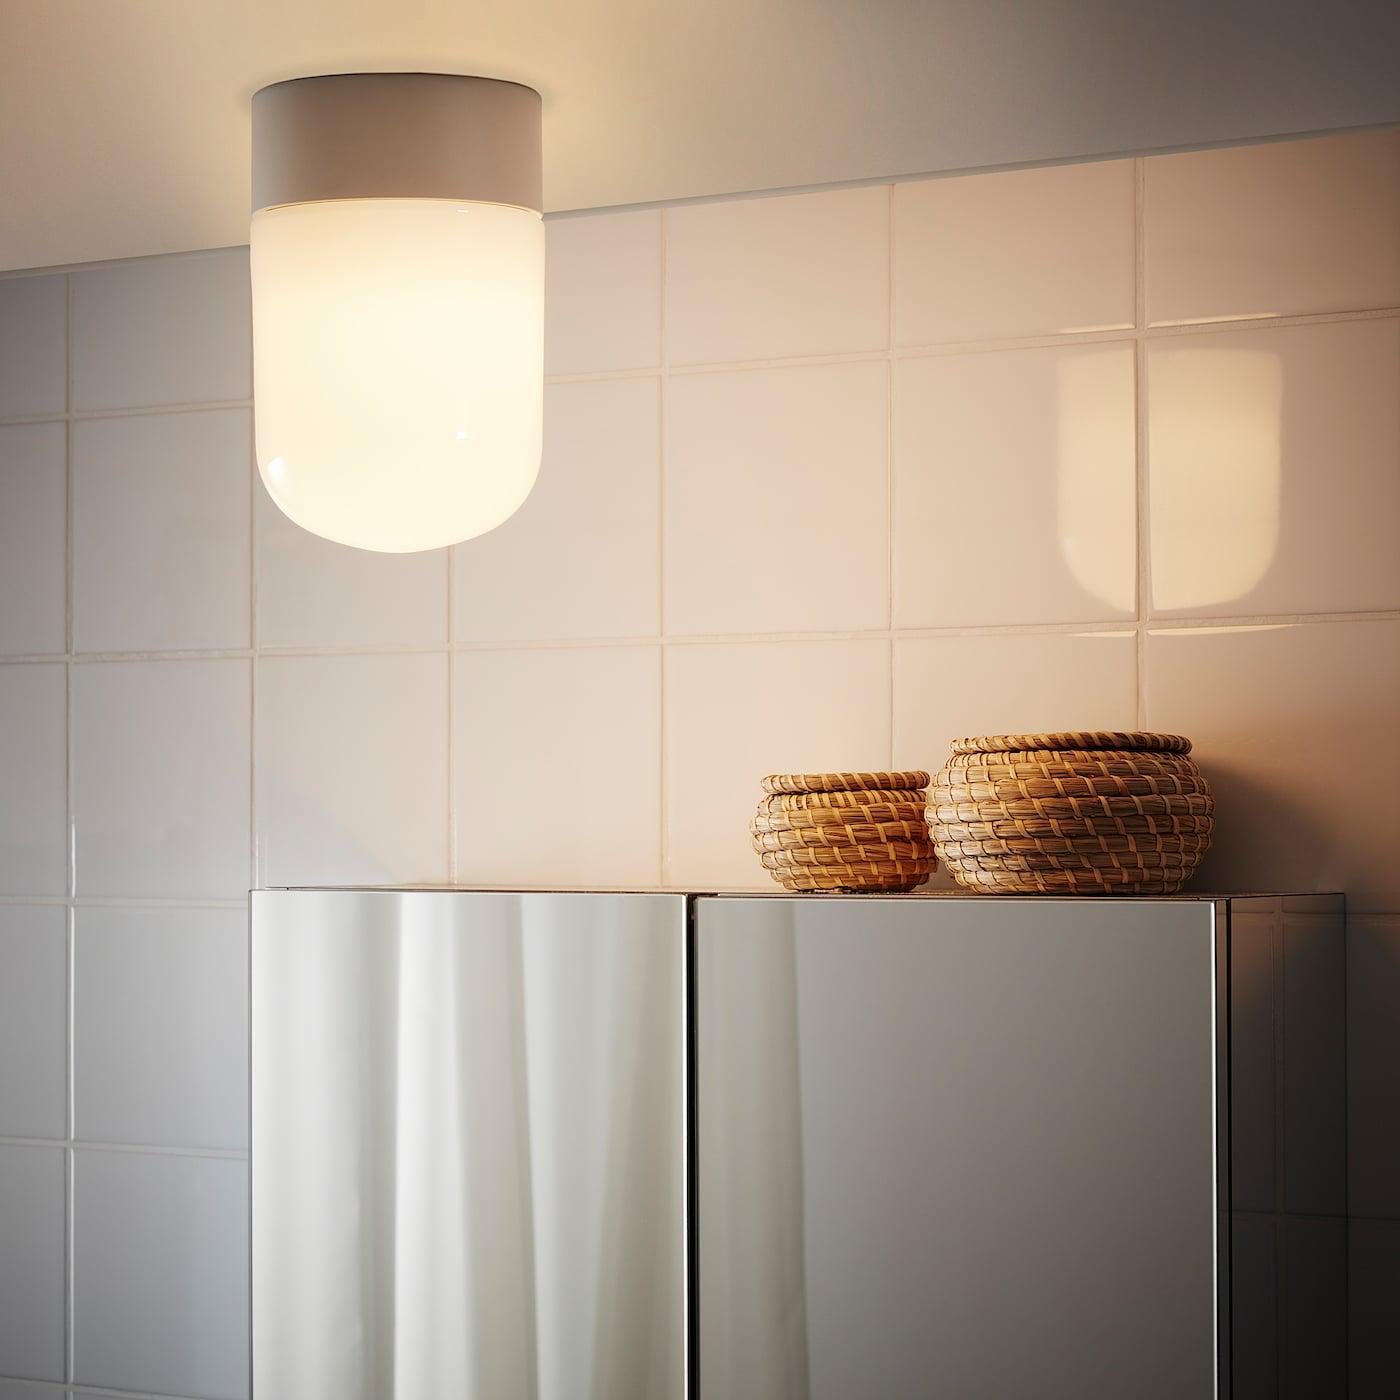 ÖSTANÅ Ceiling/wall lamp - white